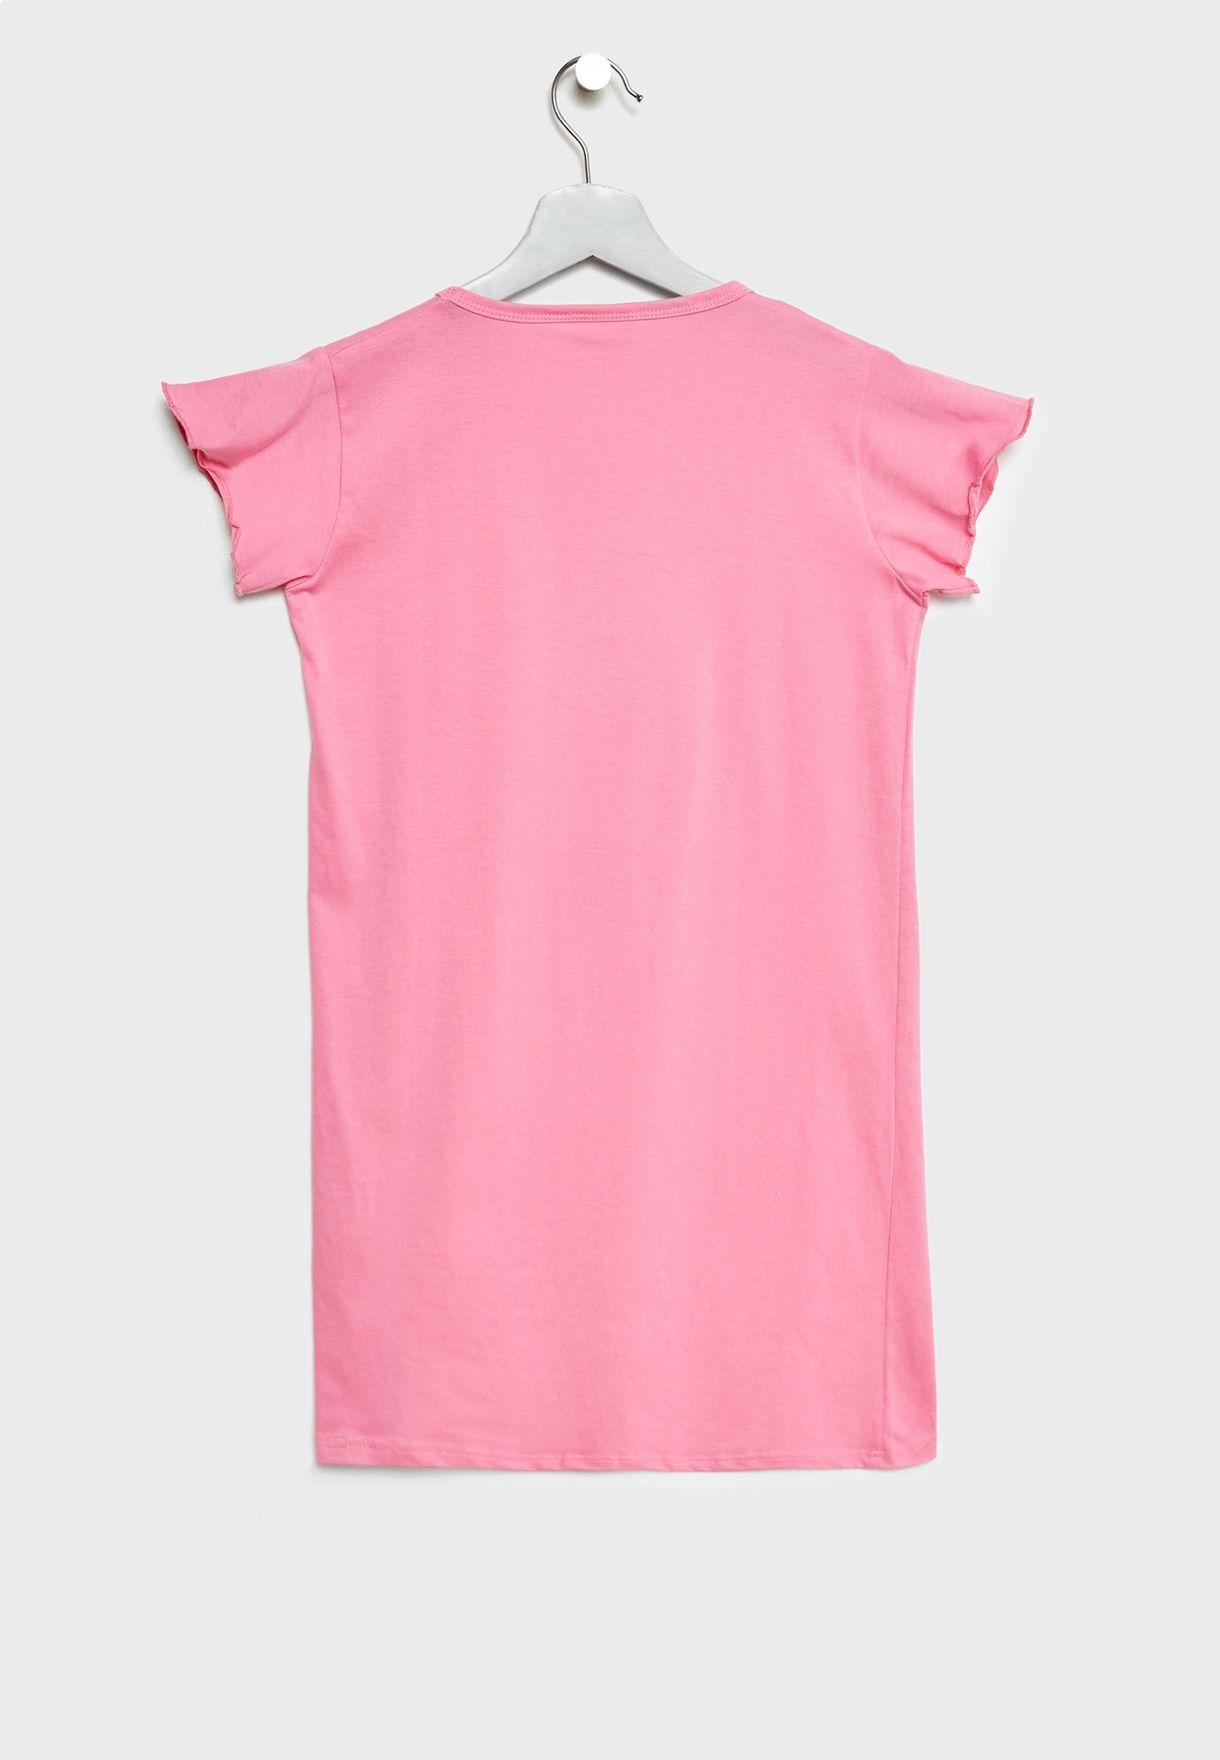 قميص نوم اطفال بطبعة جرافيك